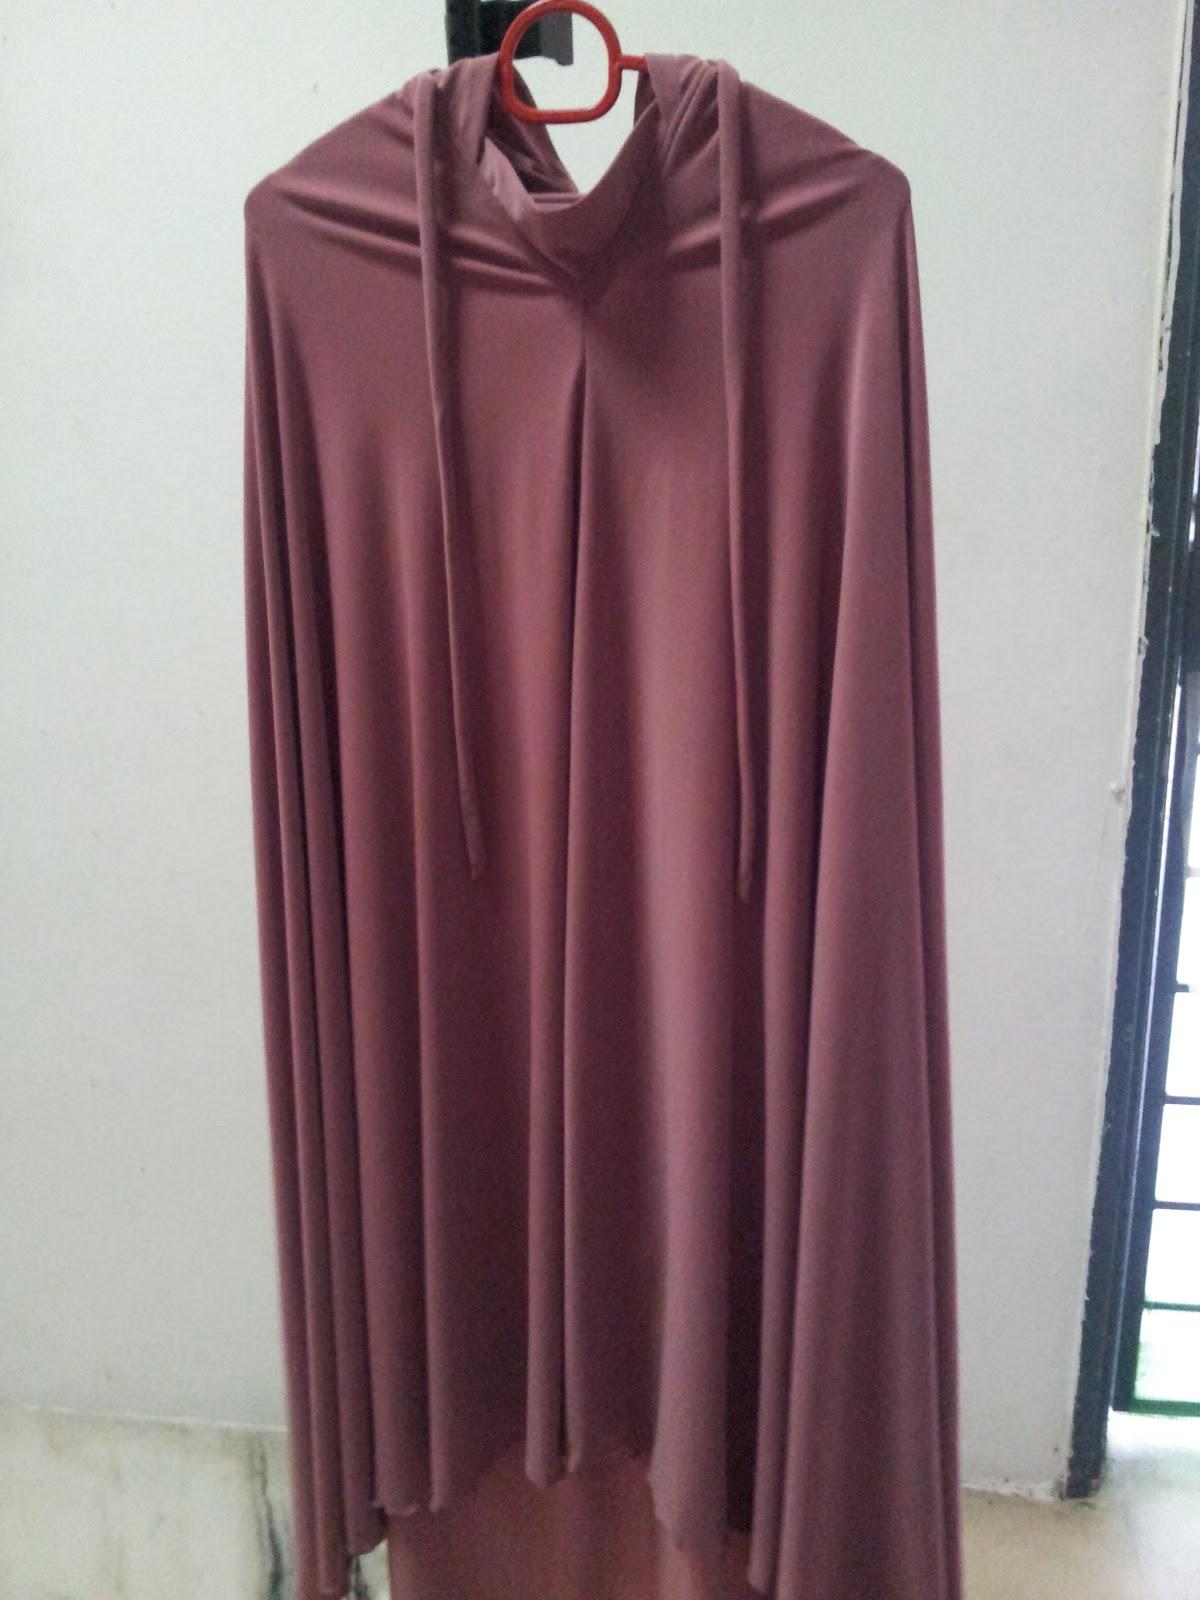 Baju Blouse Biru Projekjahit Siti Kektus T Shirt Muslimah